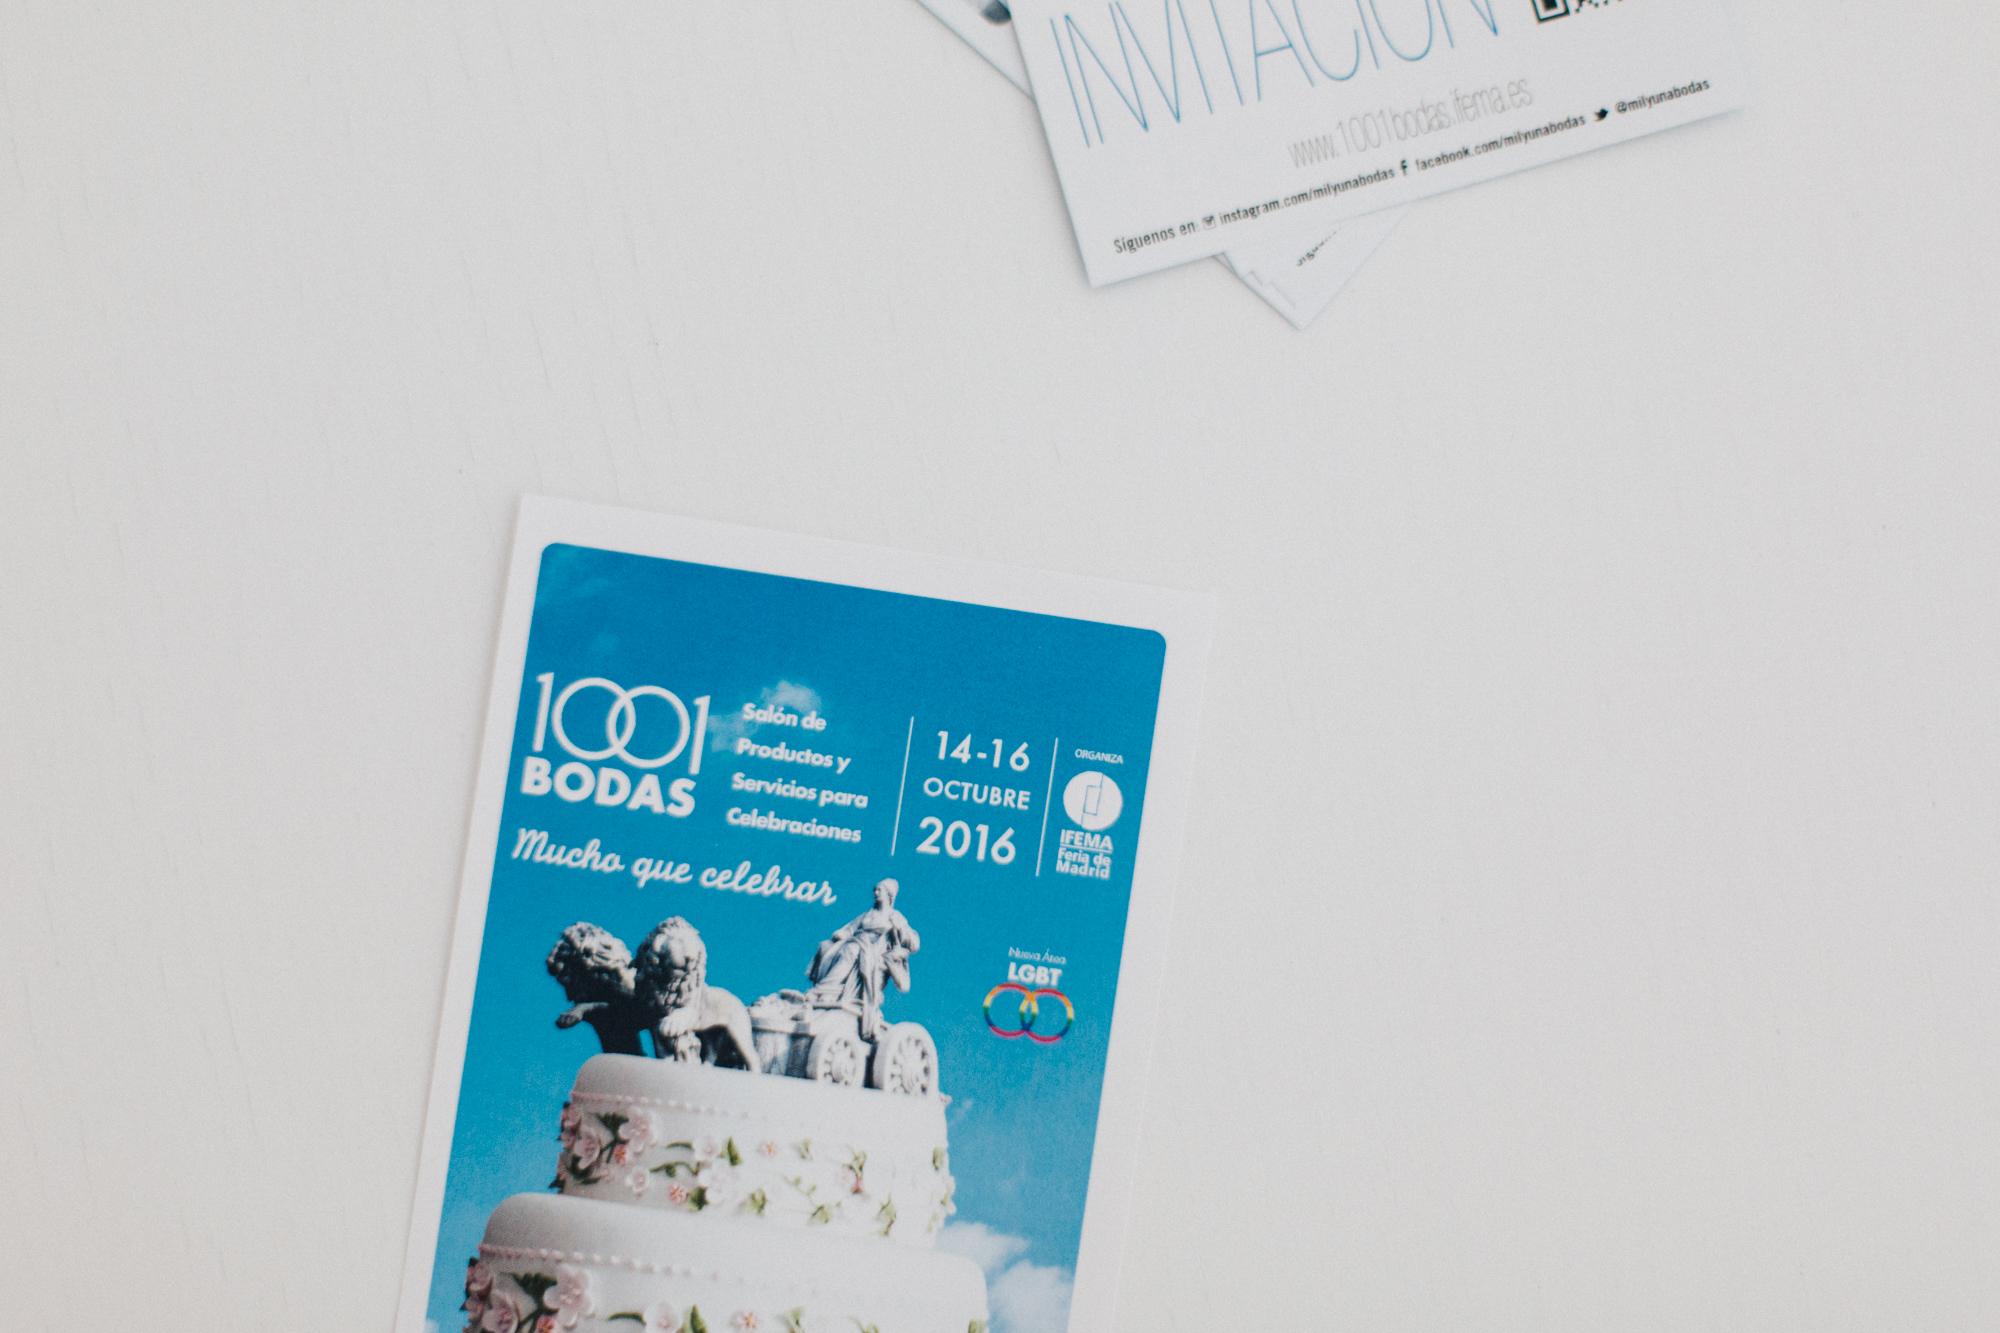 sorteo entradas 1001 bodas - 003.jpg